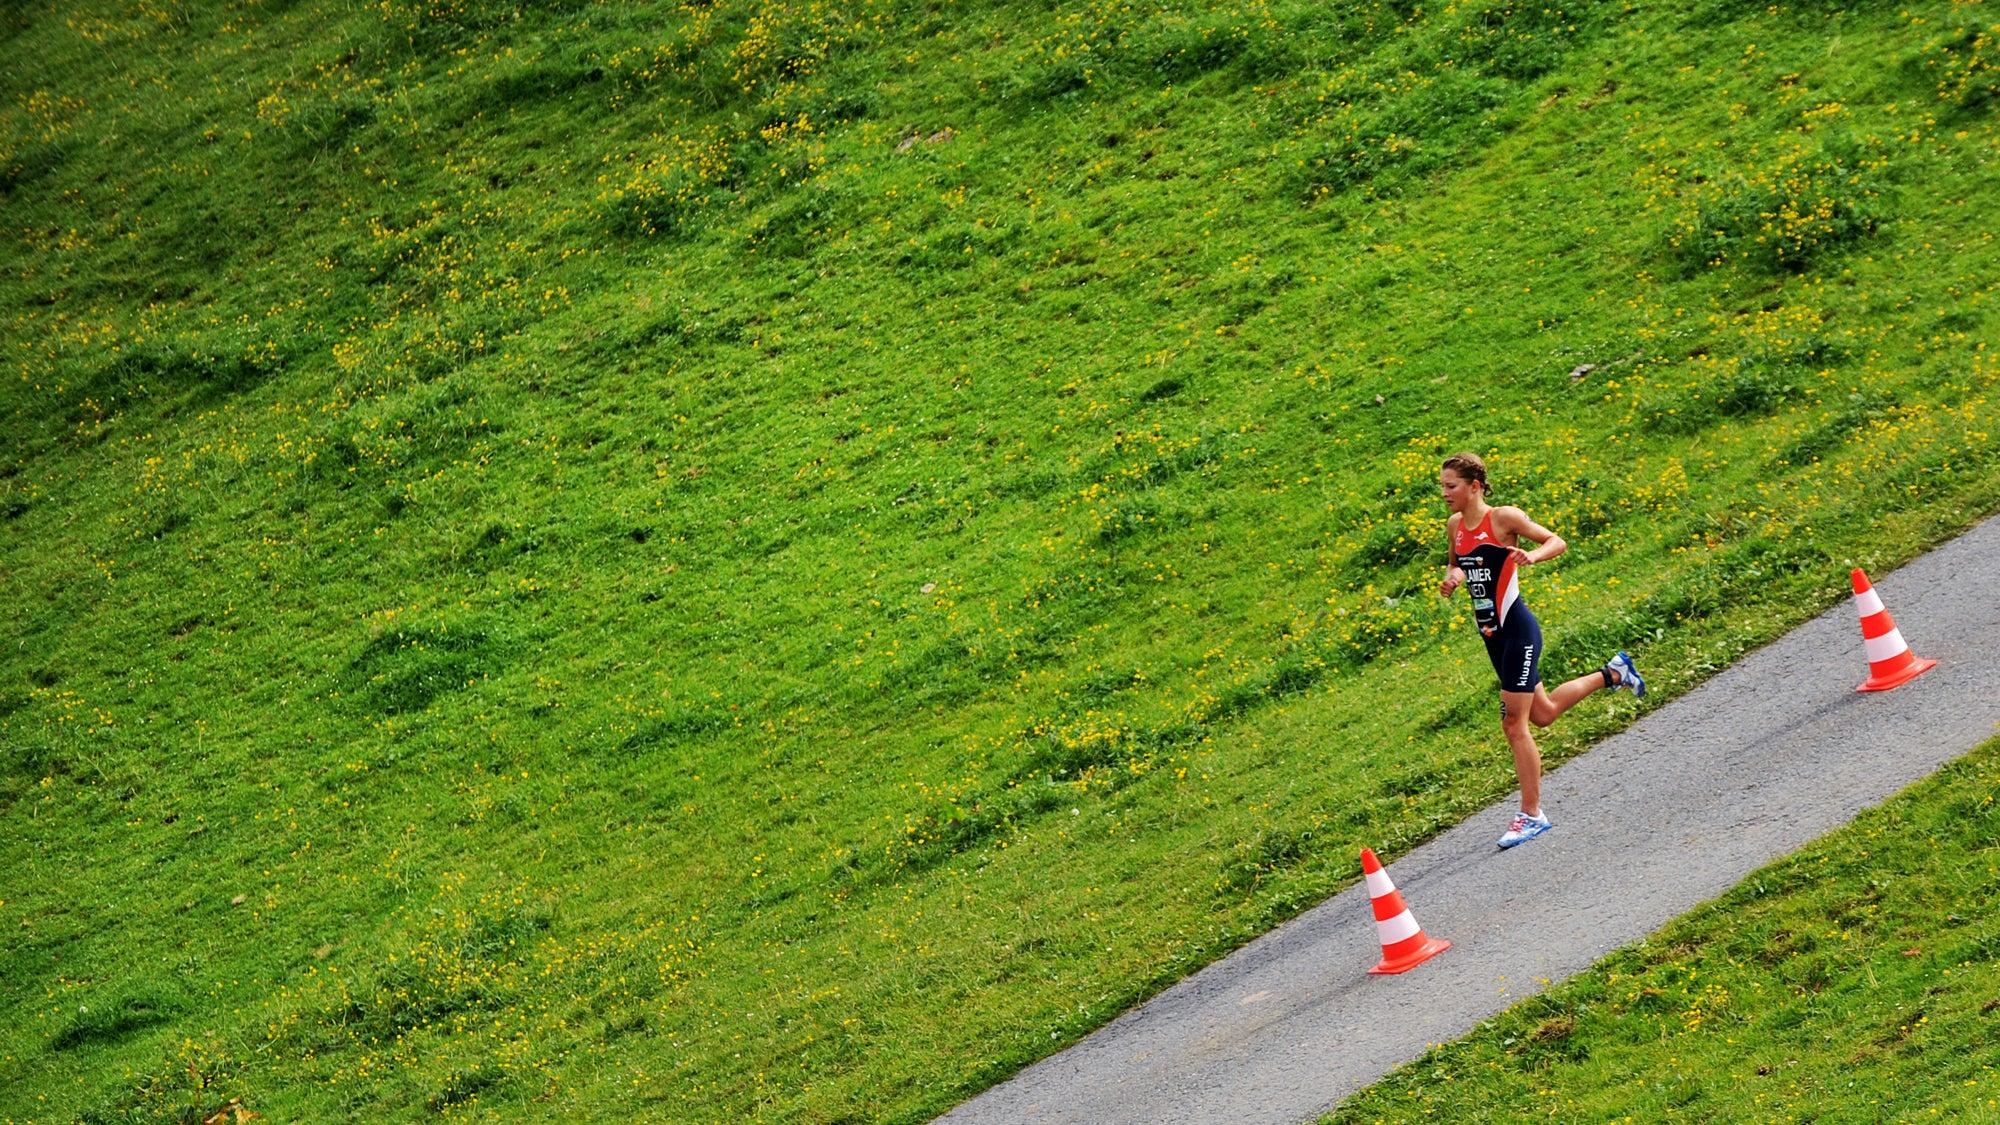 runningdownhill.jpg?resize=1200,675